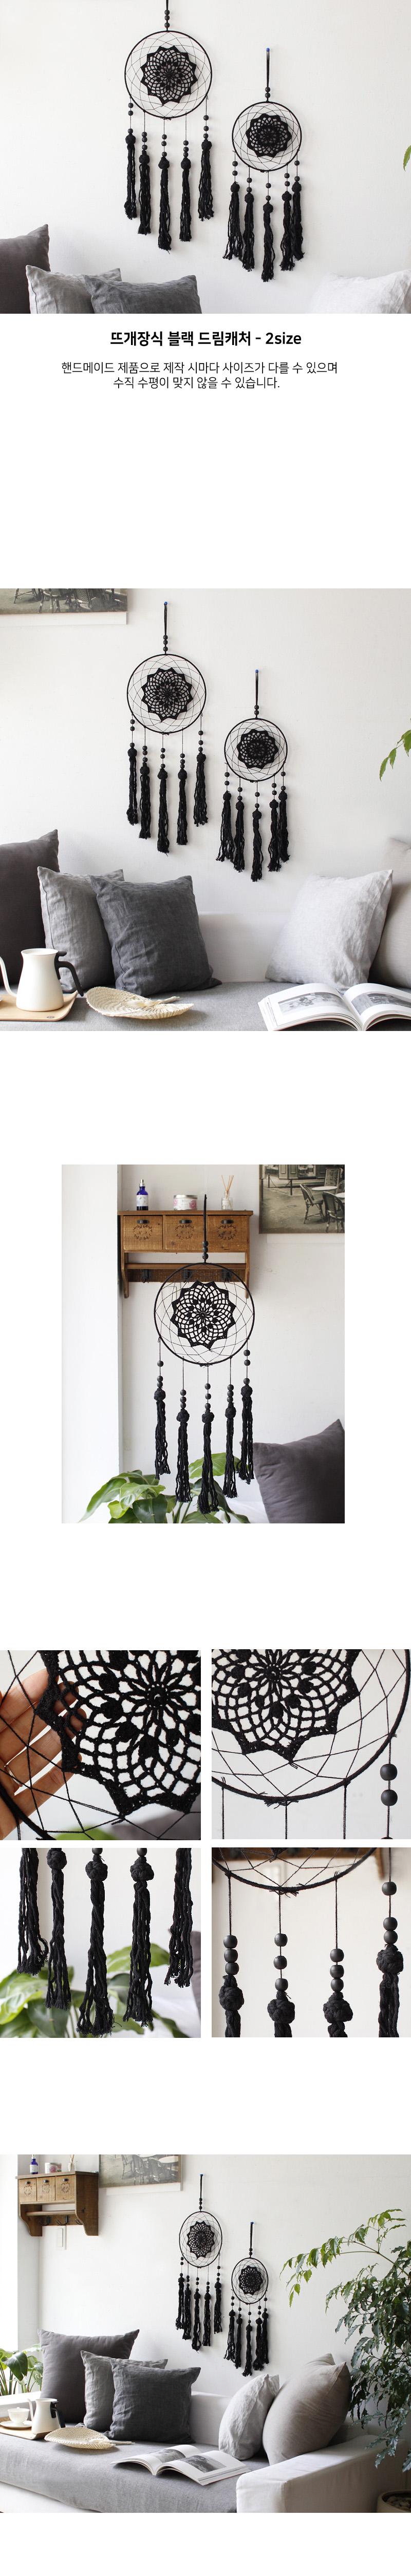 뜨개장식 블랙 드림캐처 (2size) - 꾸미까, 16,600원, 장식/부자재, 벽장식